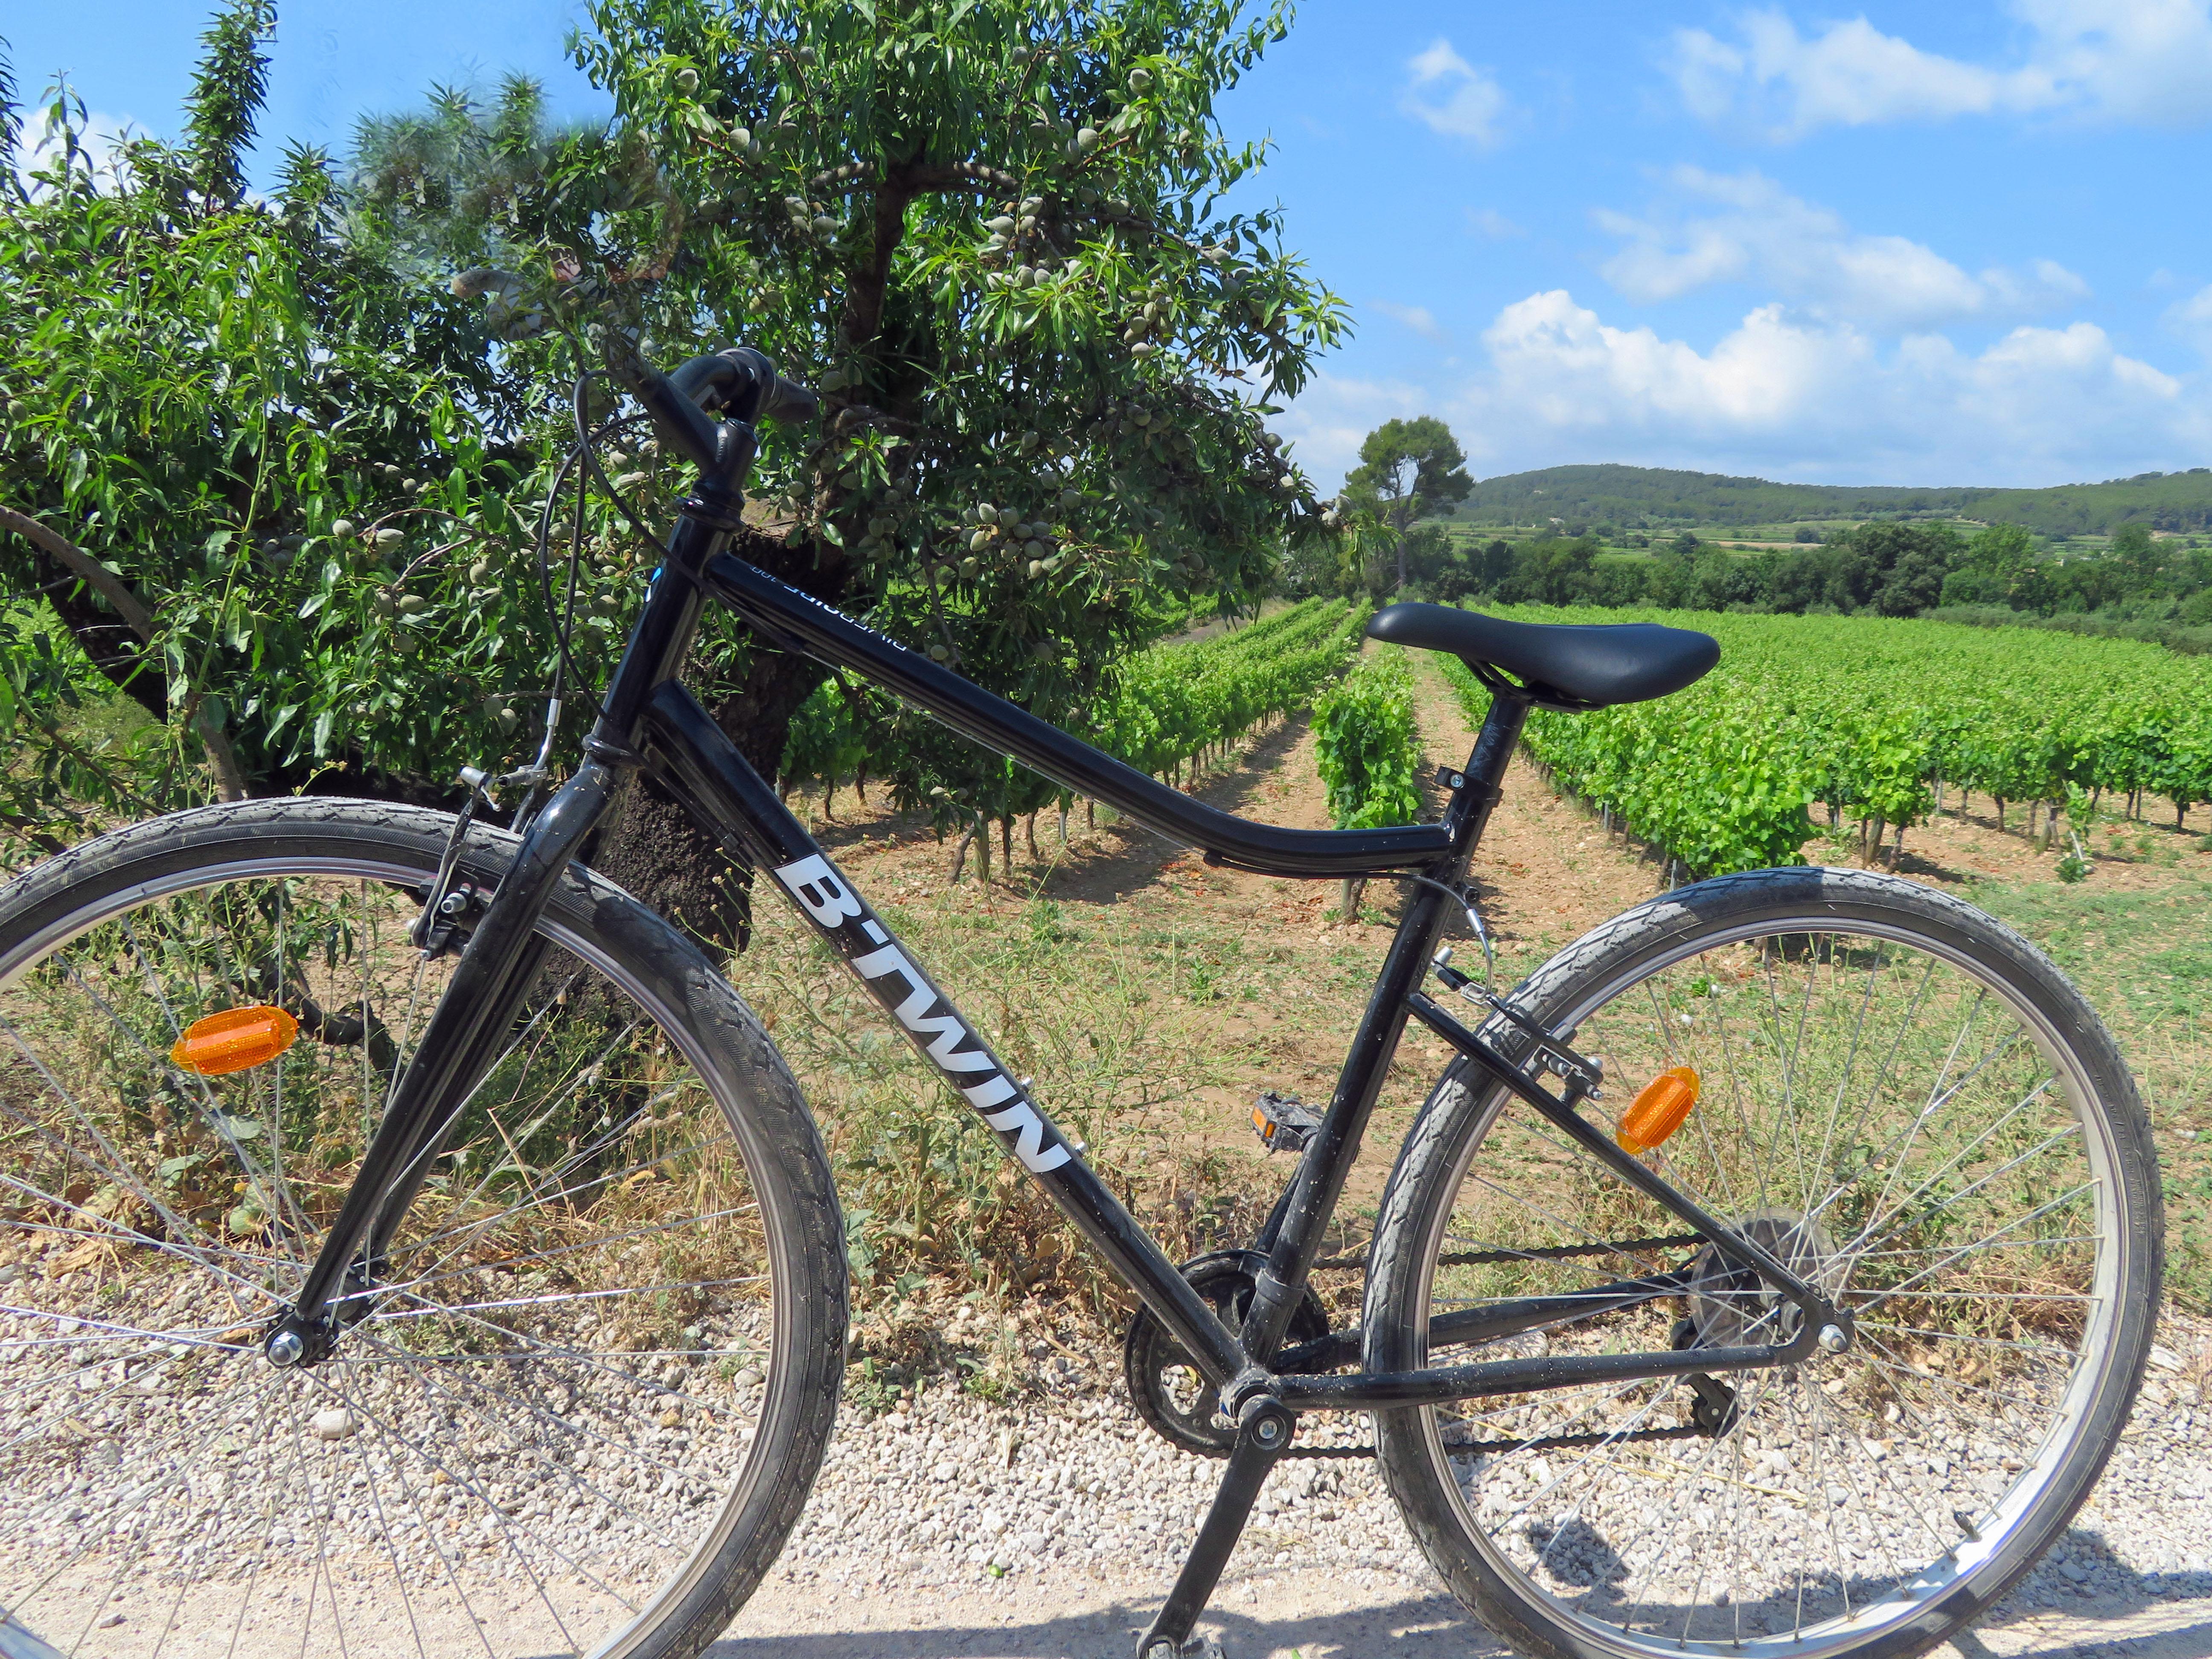 Mountainbike voor wijngaard.